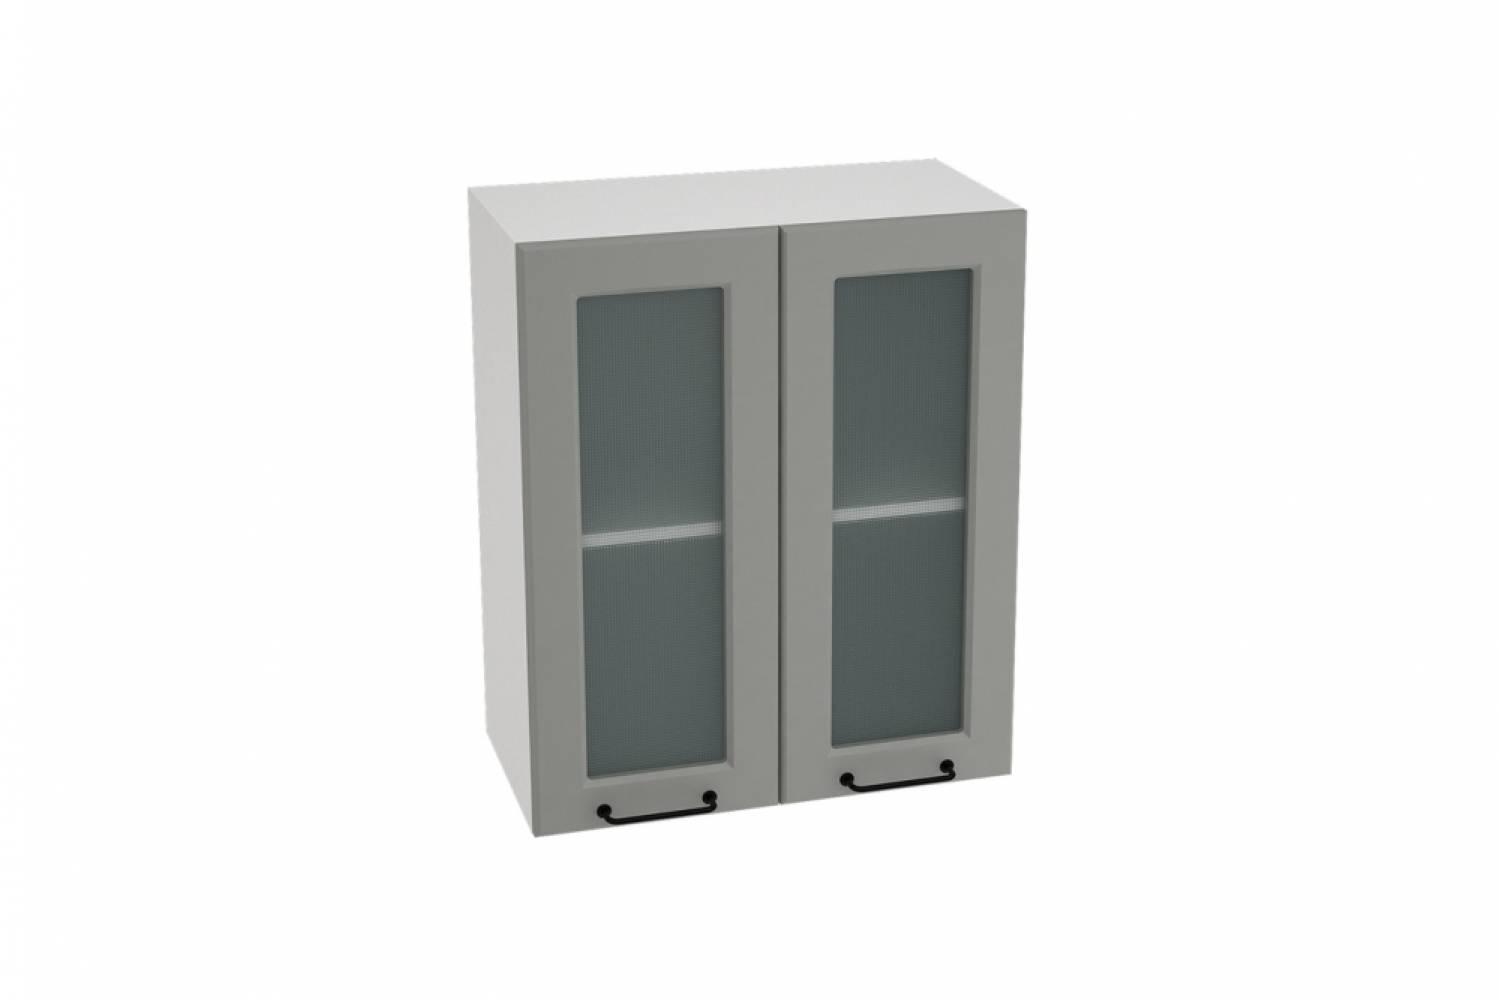 Шкаф верхний со стеклом ШВС 600 НИЦЦА ROYAL (MAGNUM) 600 мм